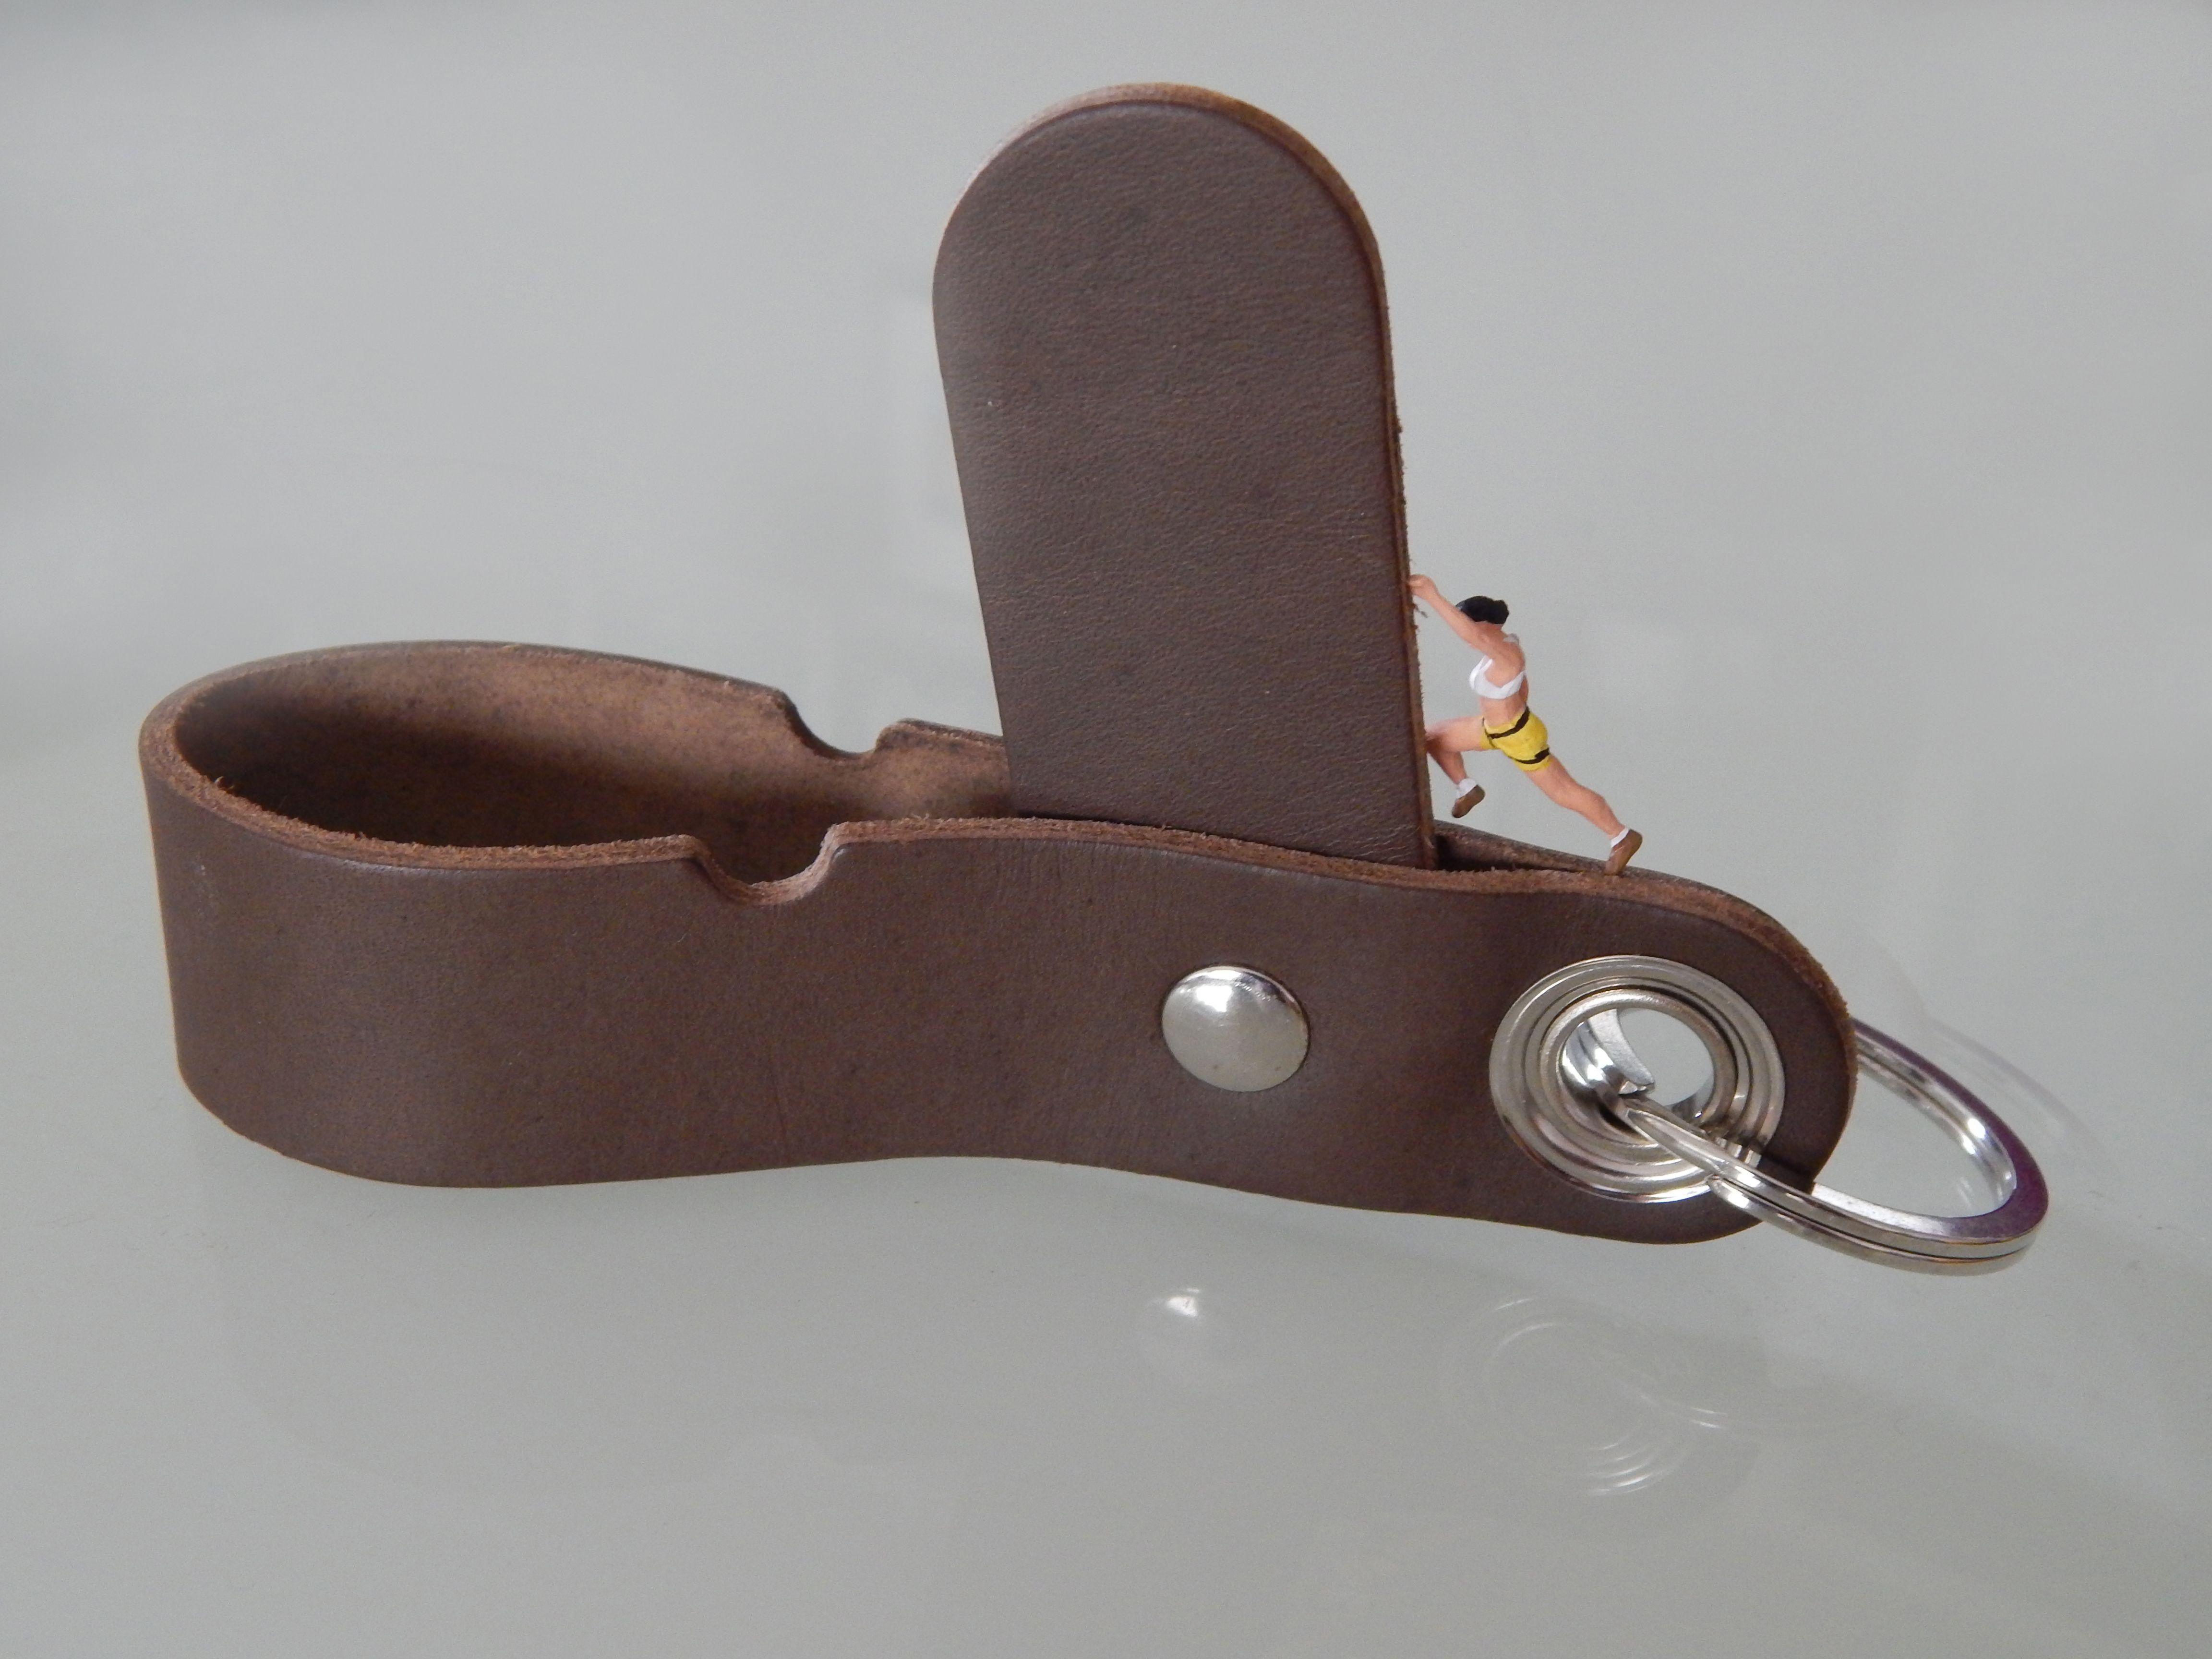 Lederschlüsselanhänger mit Handyaufsteller